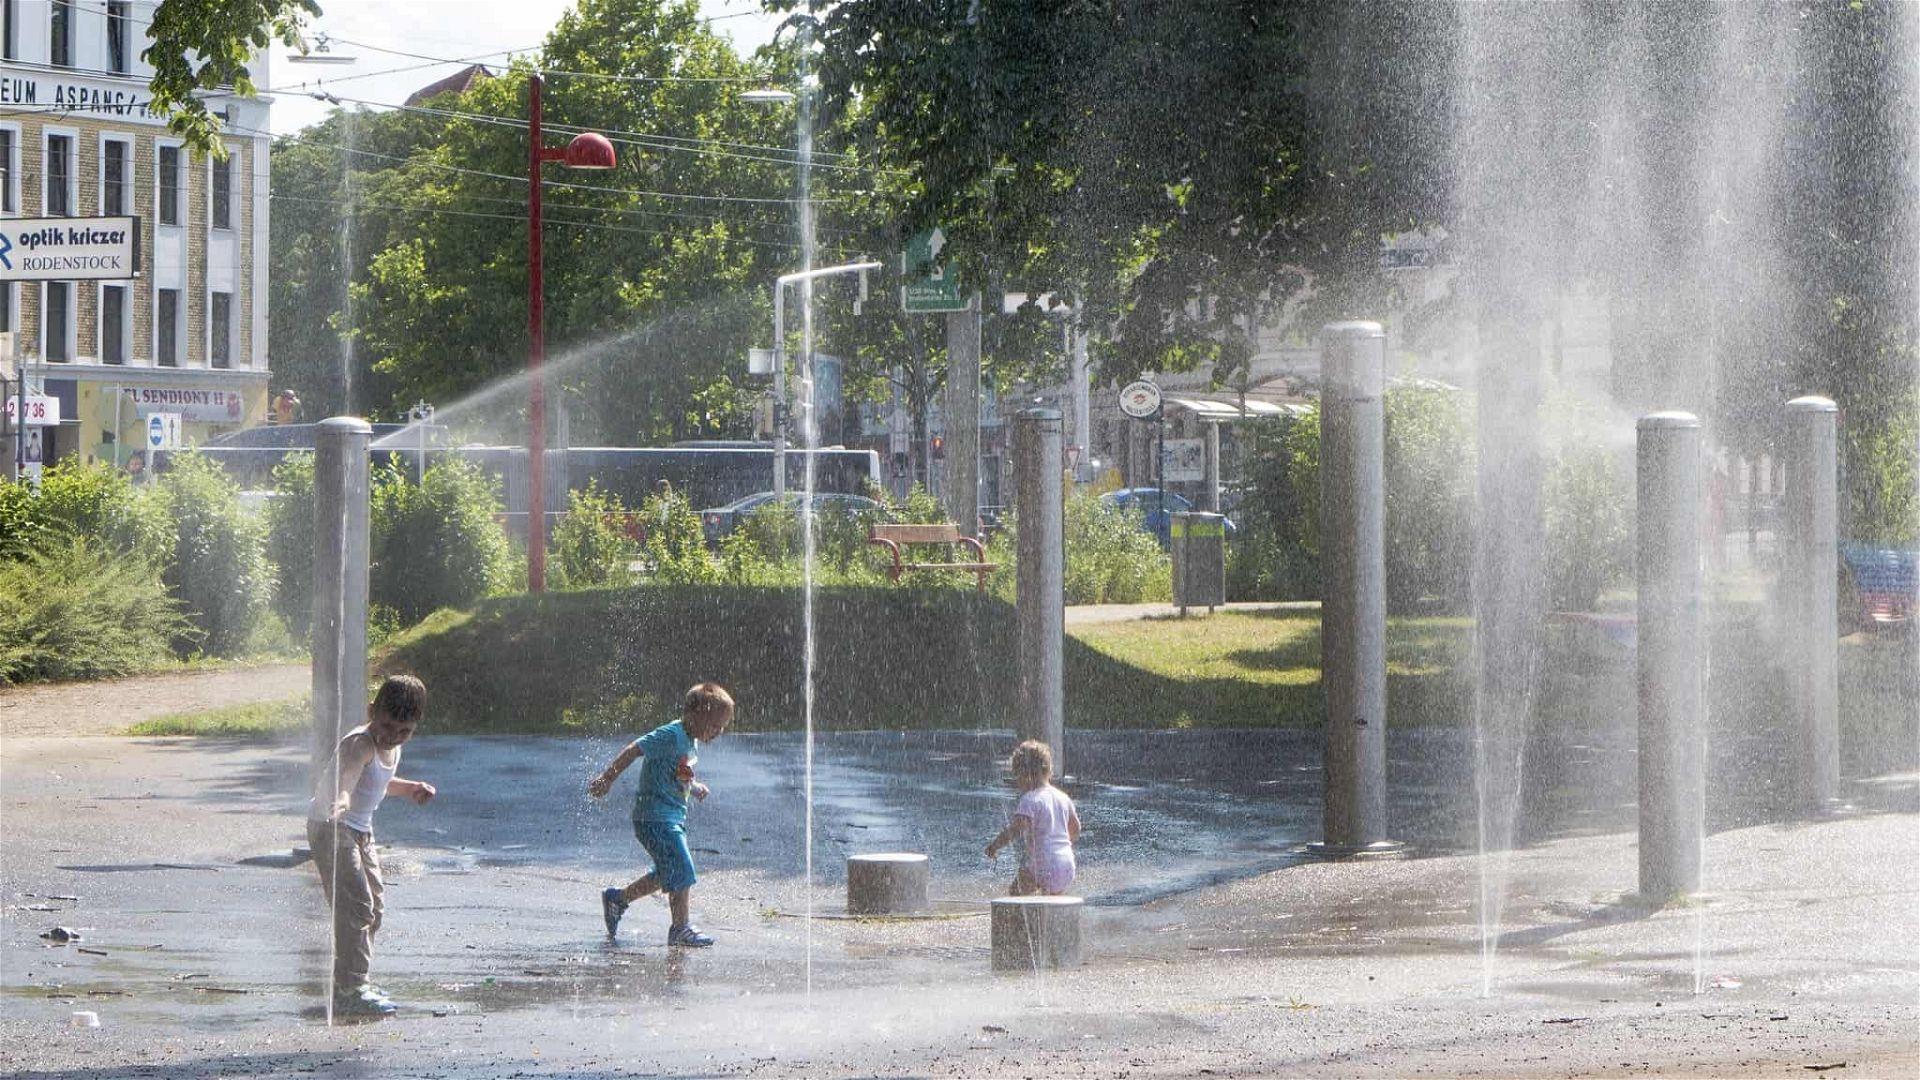 Wien_12_Theodor-Körner-Park_d